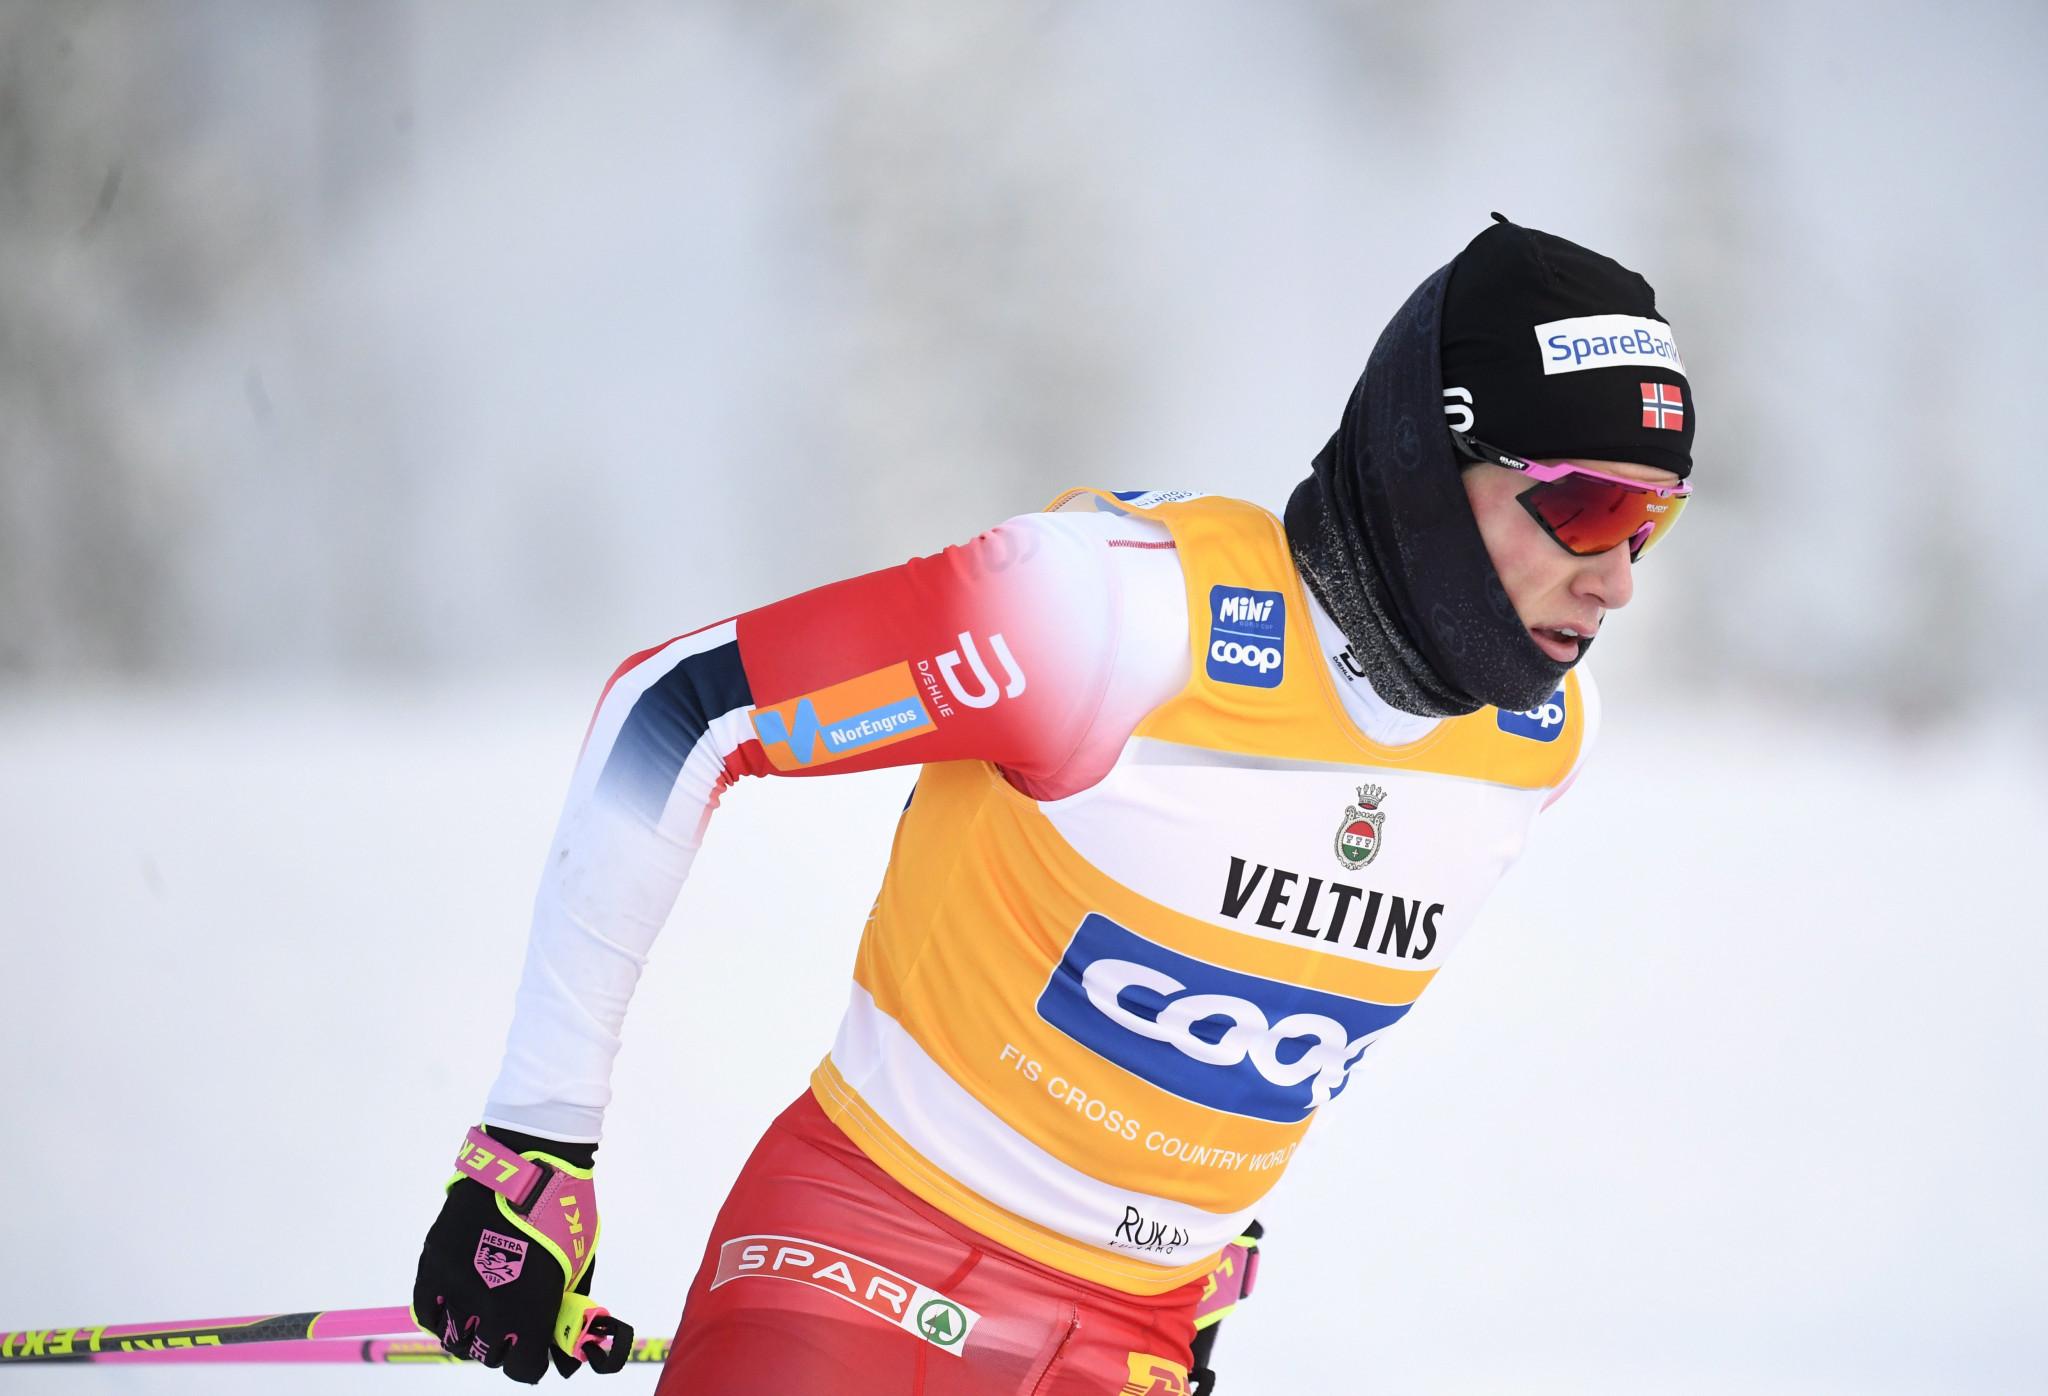 Johannes Høsflot Klæbo is the favourite for the men's Tour de Ski crown ©Getty Images